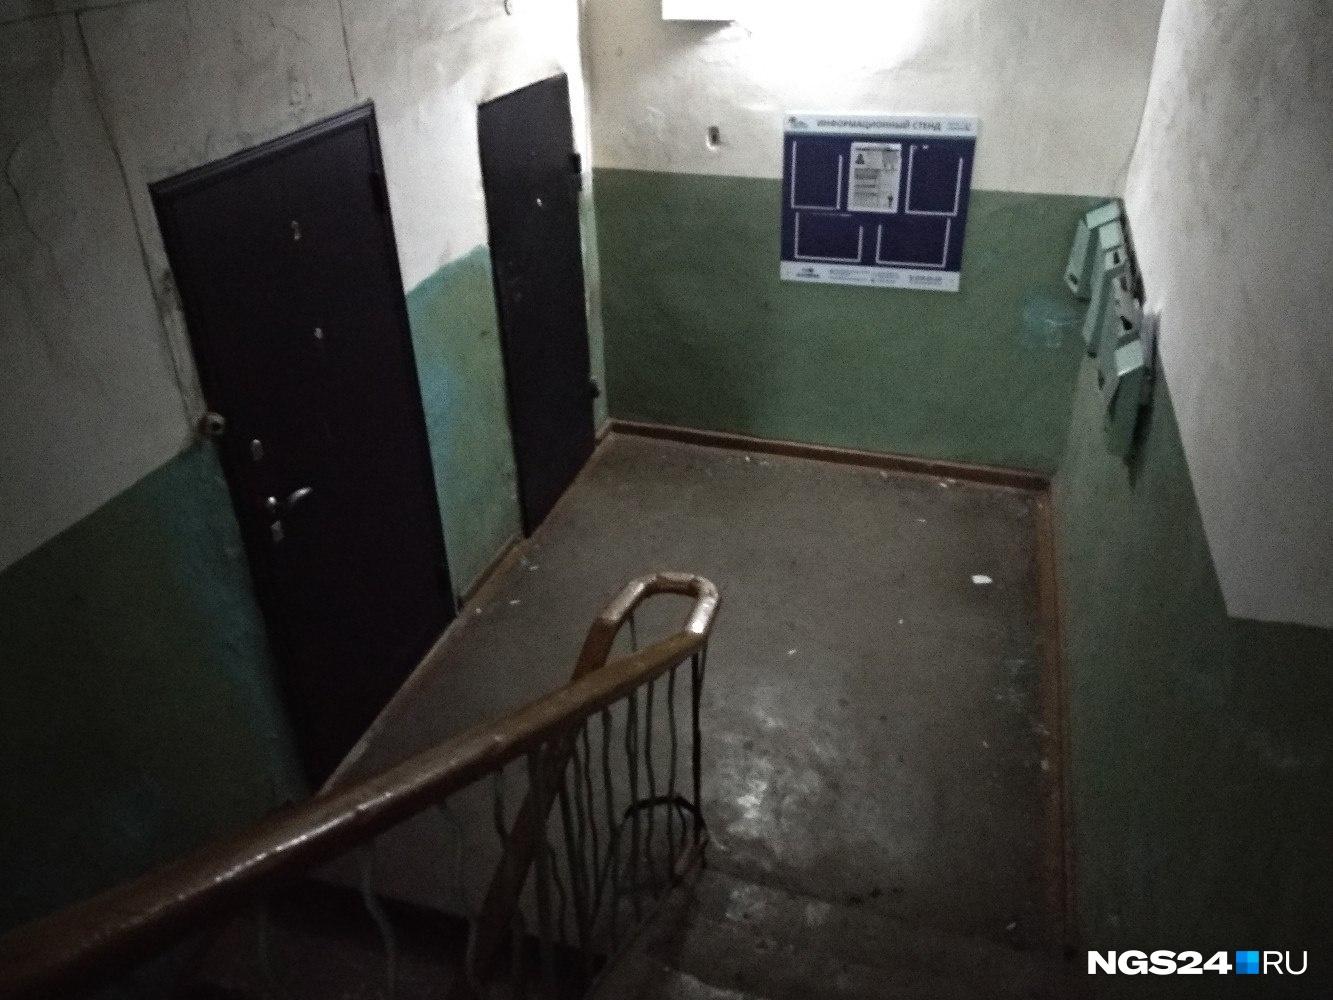 Дальняя квартира —№1 —сегодня заперта на ключ. Соседи рассказывают, что одна комната в ней полгода назад горела из-за плохой проводки: «Чуть все не задохнулись»